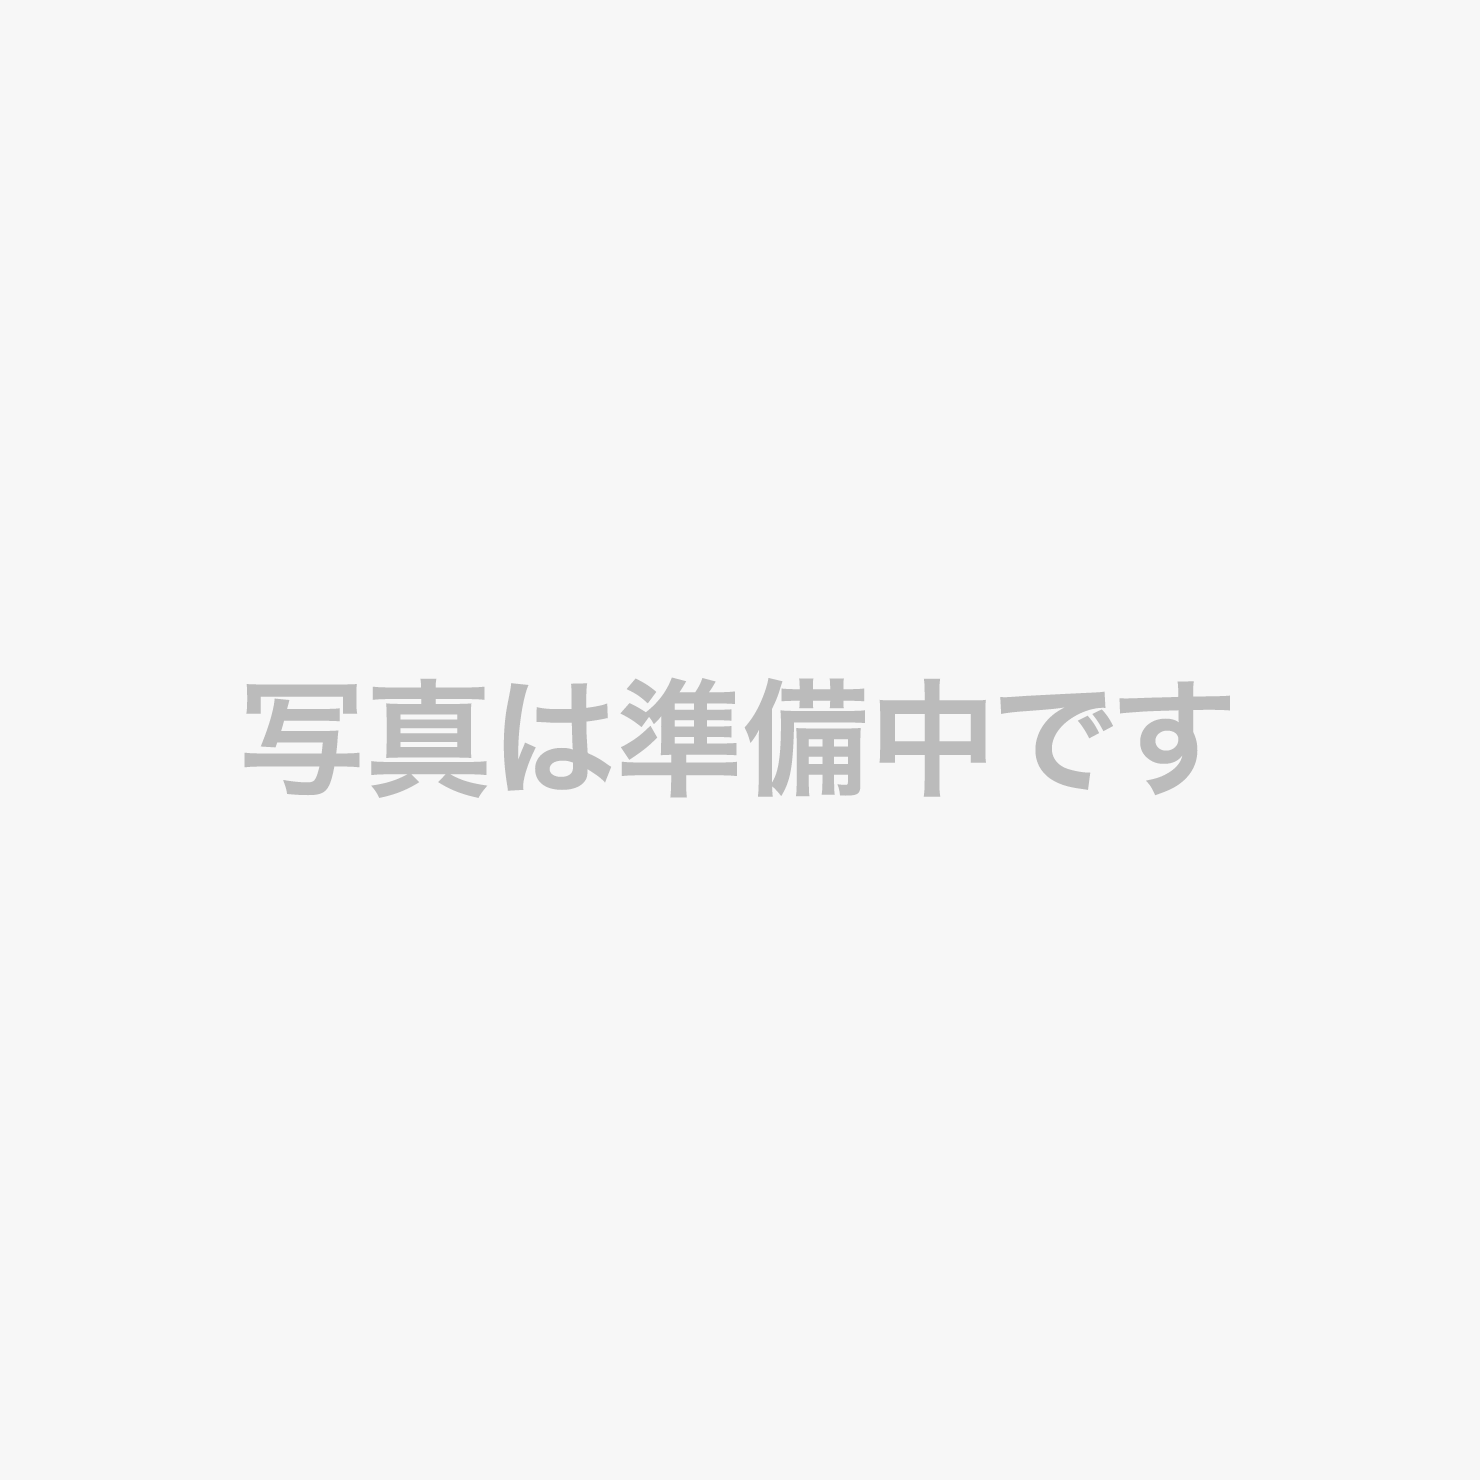 ご当地グルメ!【倉敷祭り寿司御膳】(4月~5月)